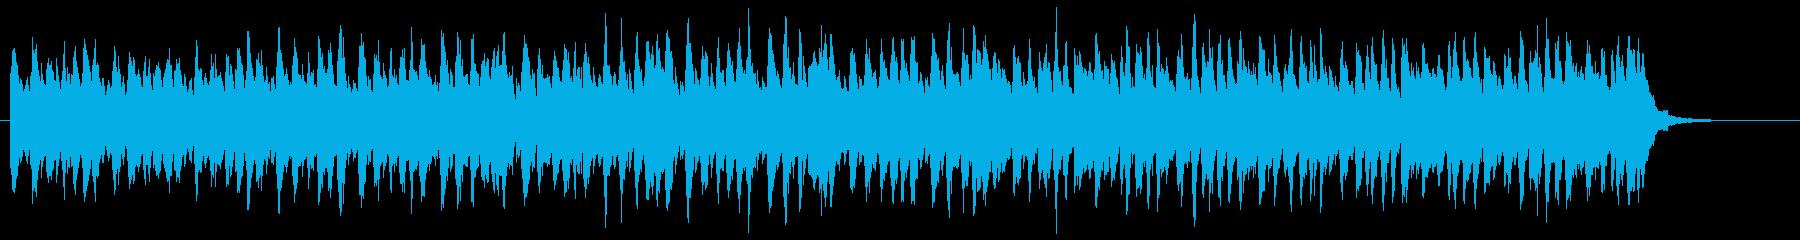 ピアノとストリングスの近未来的なCM音楽の再生済みの波形